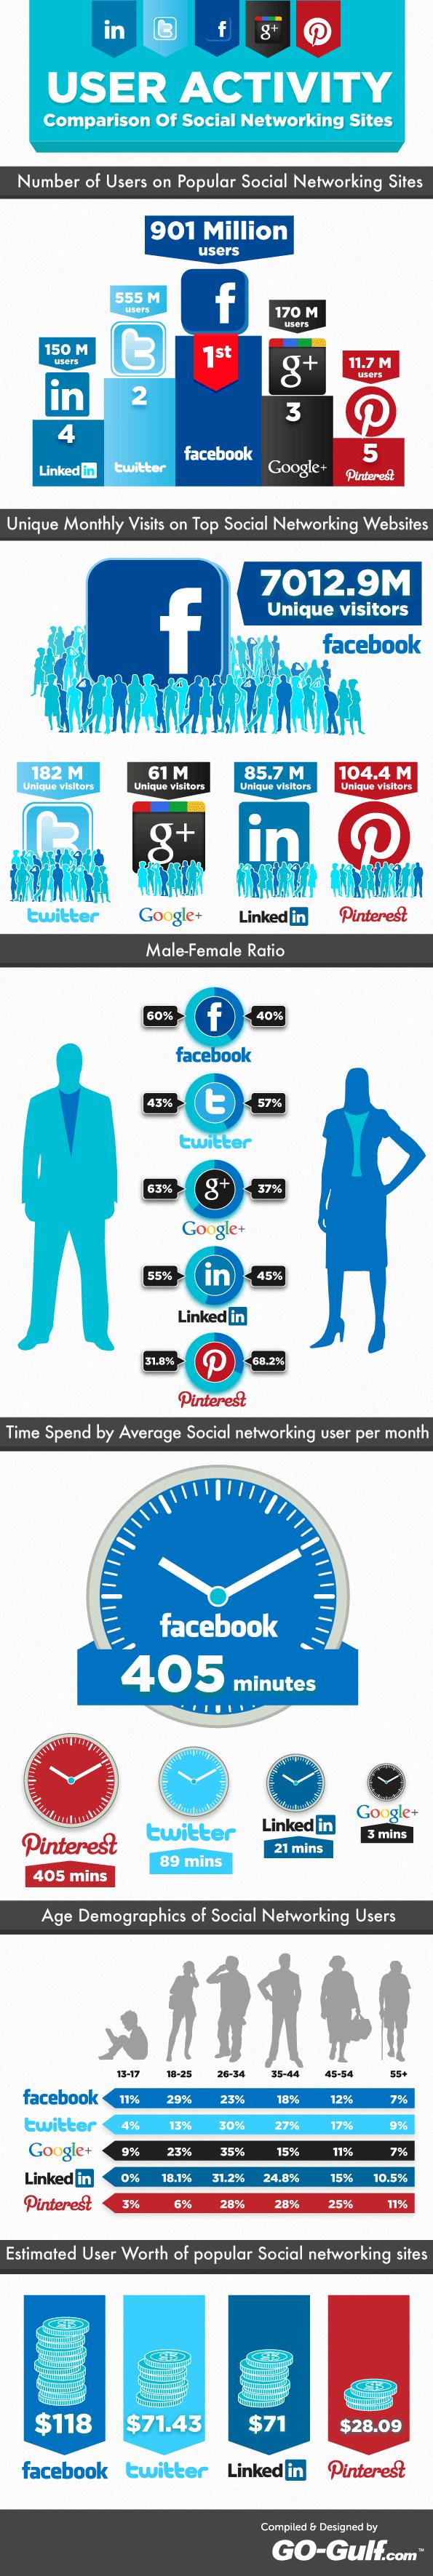 actividad de los usuarios en las redes sociales